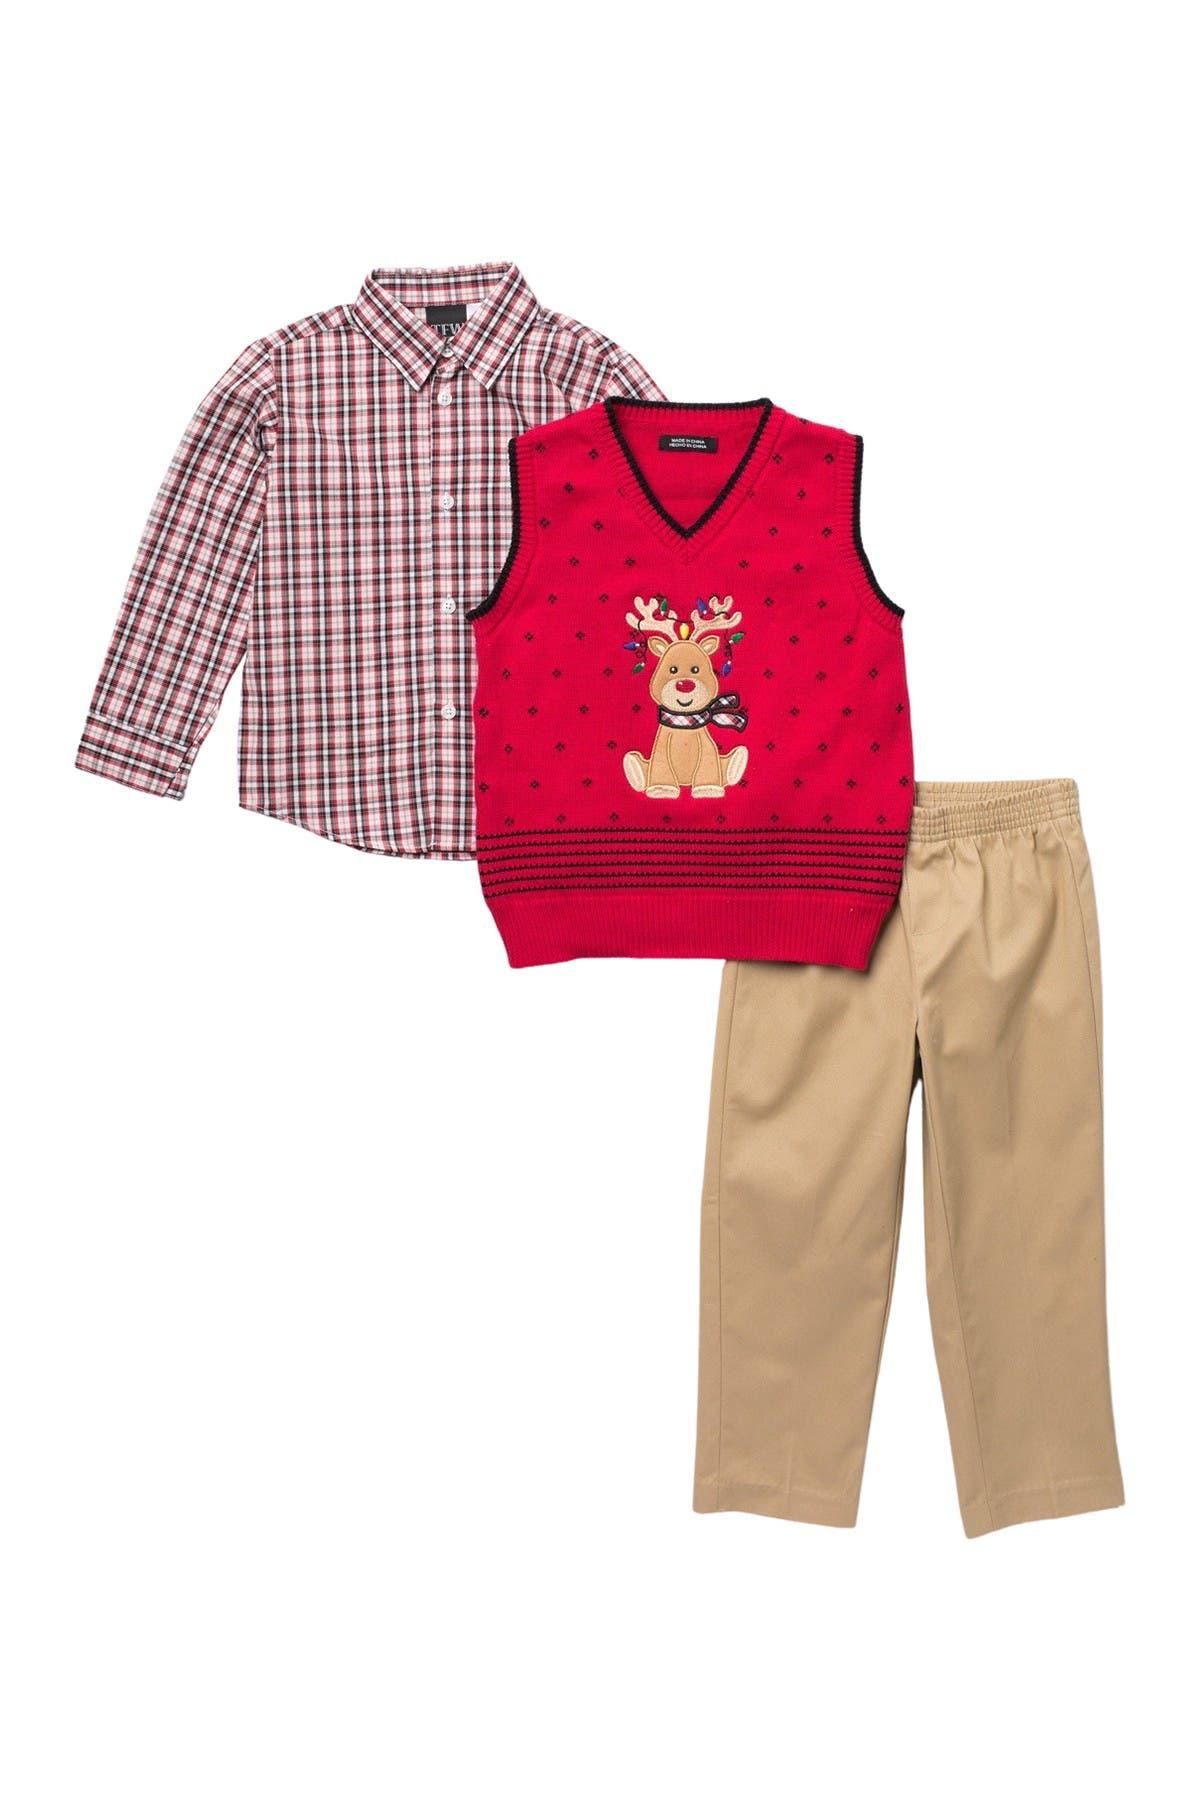 Image of TFW Deer Vest, Top & Pants Set